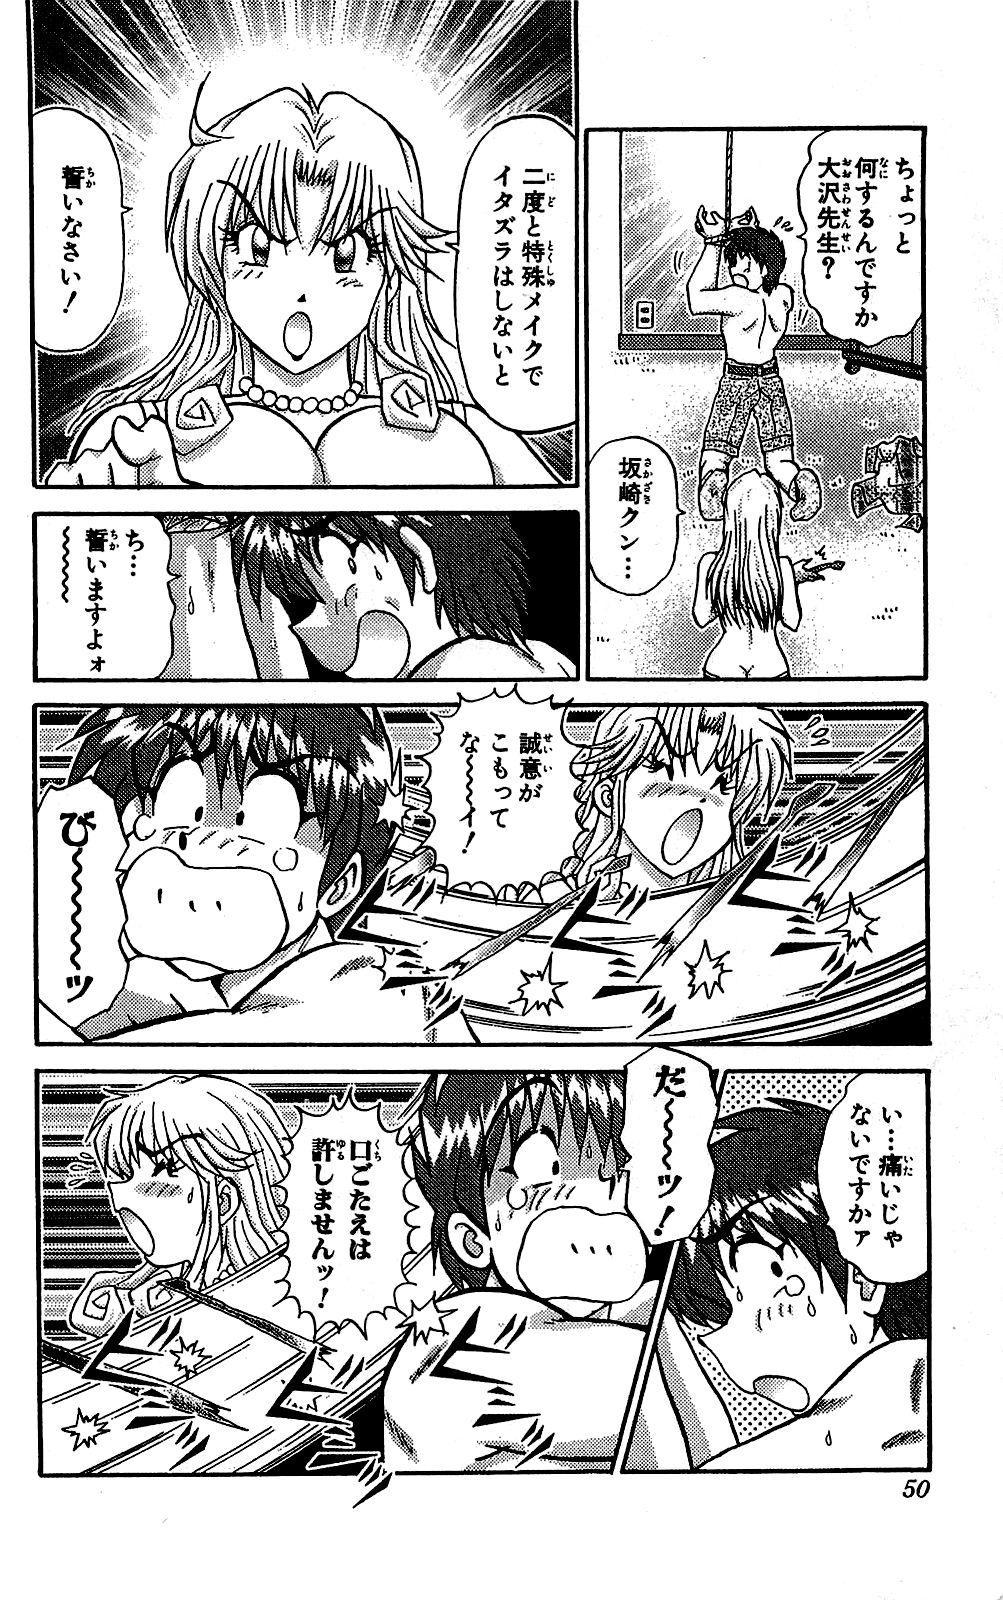 Miracle Make Yuuji 50